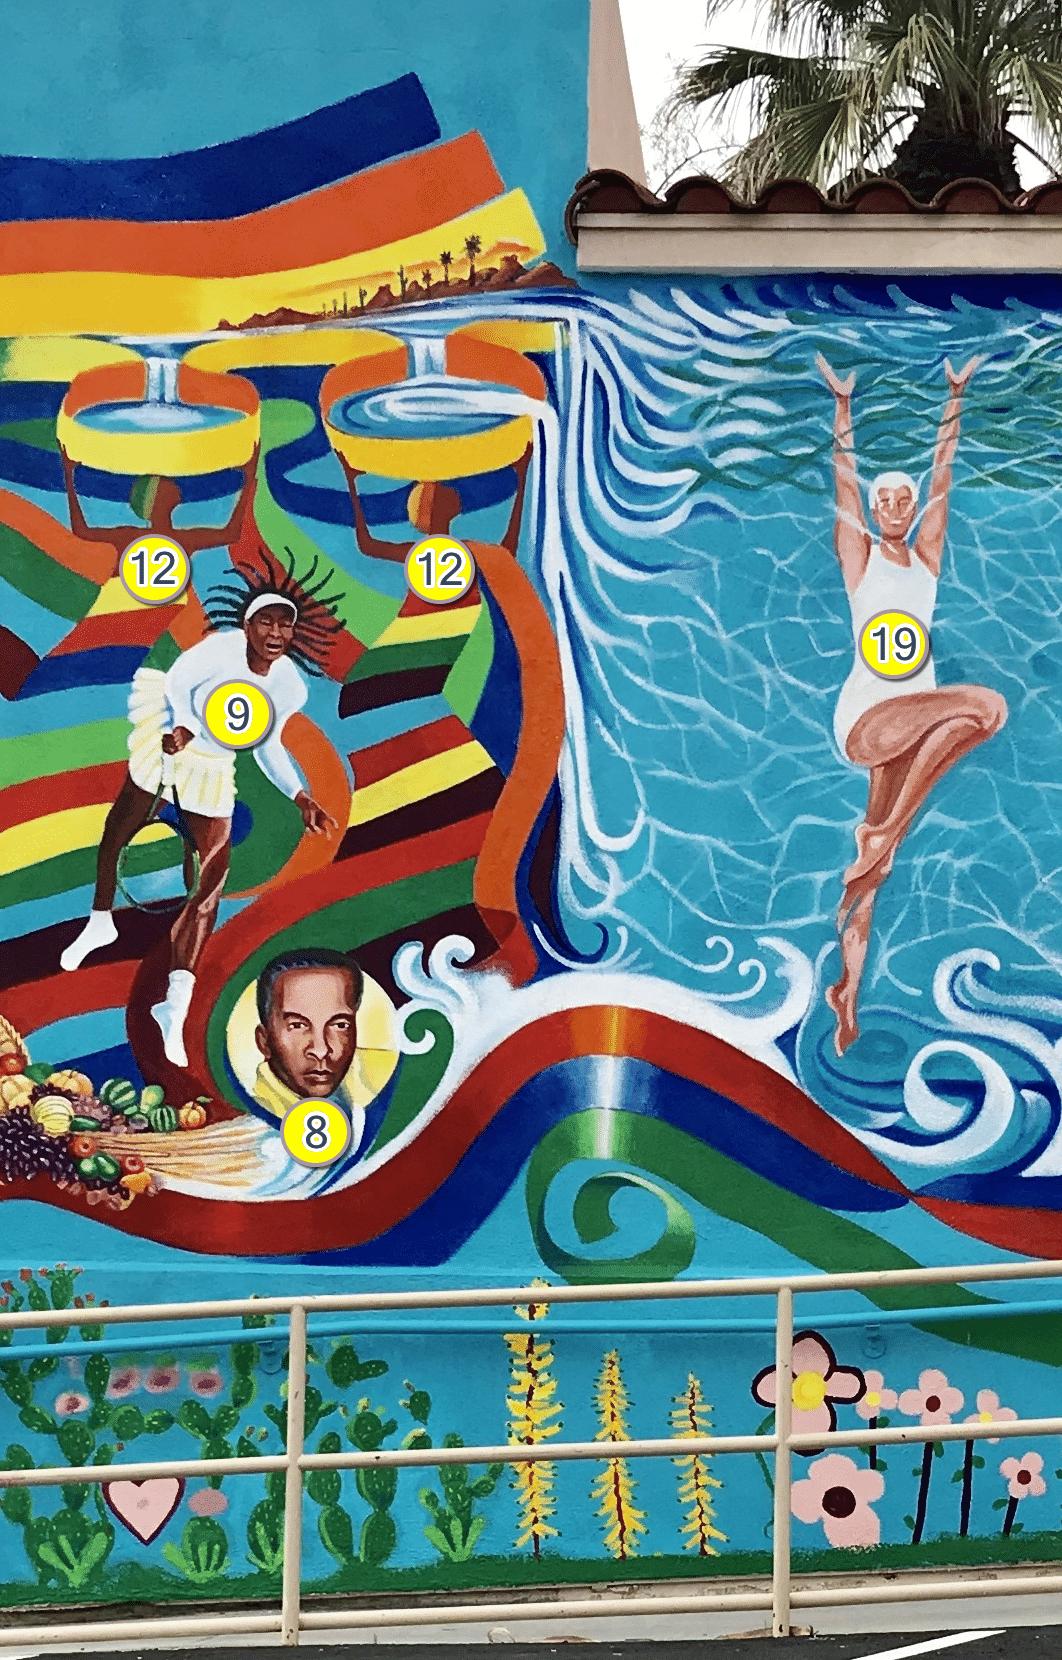 The Bernard Hoyes Mural